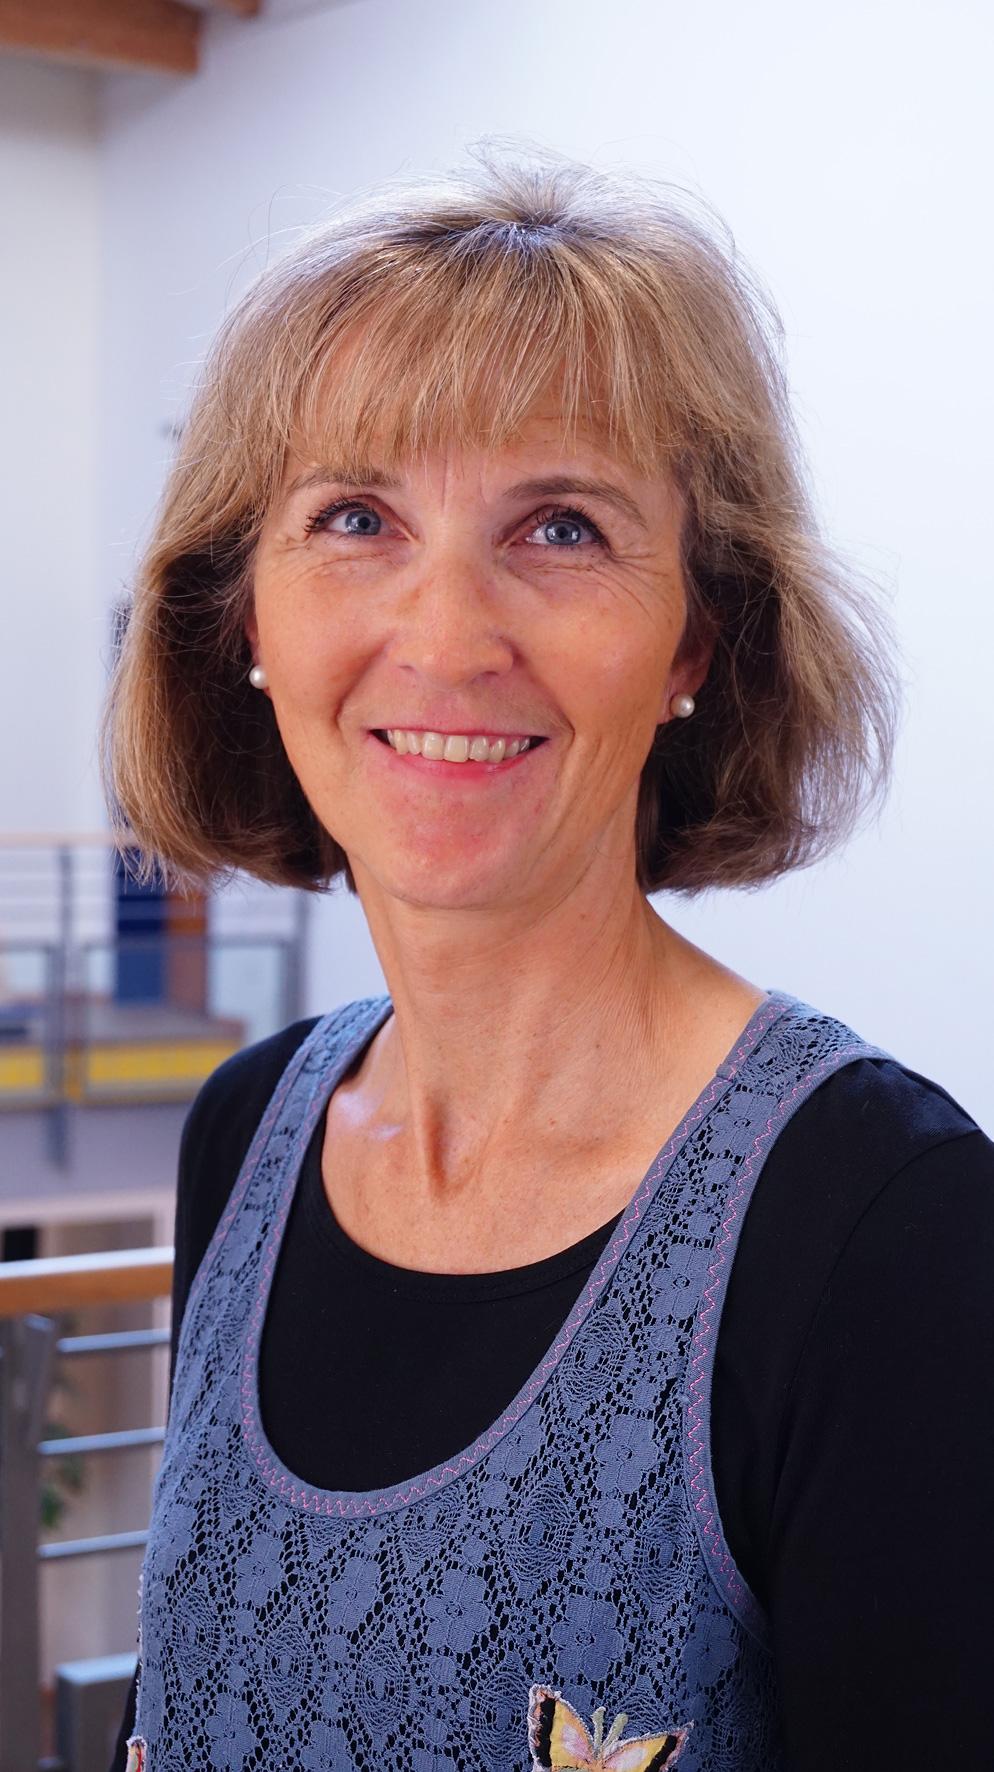 Birgit Erhardt